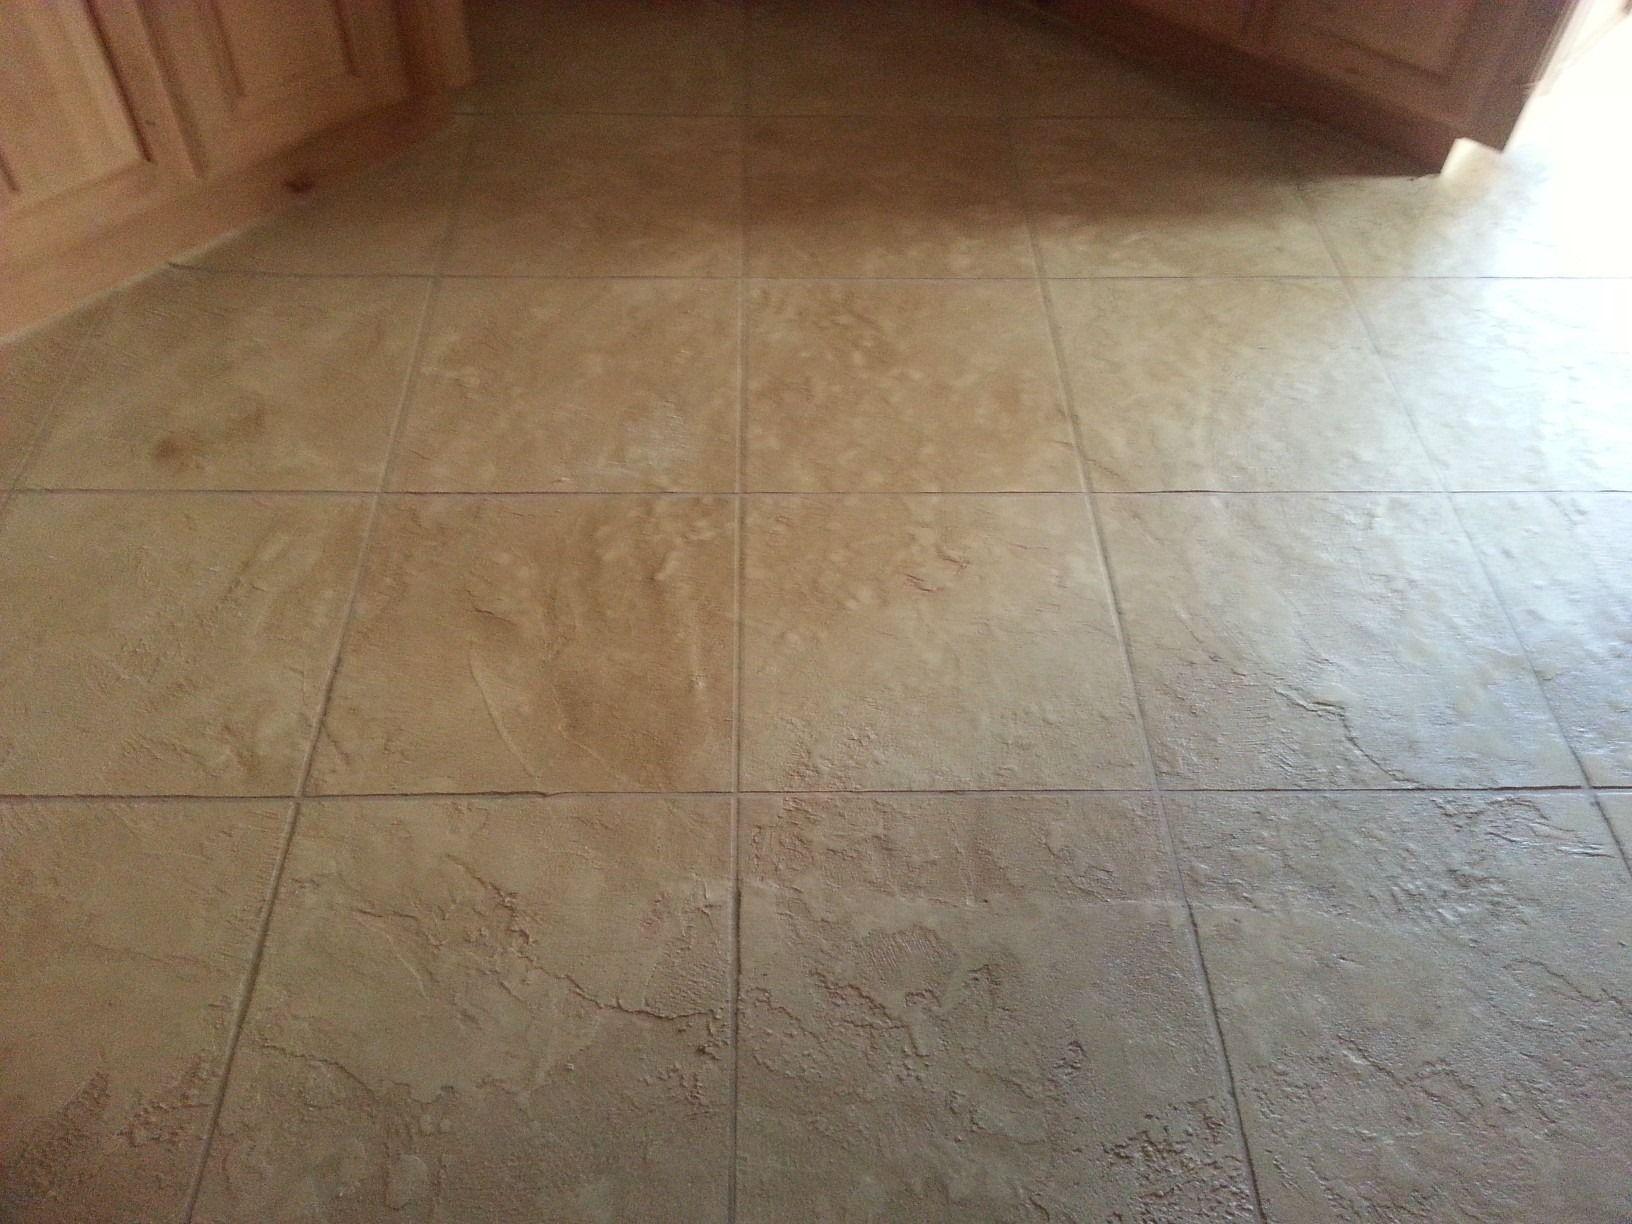 Decorative Travertine Tile Decorative Concretejls Concrete Designs This Is A Micro